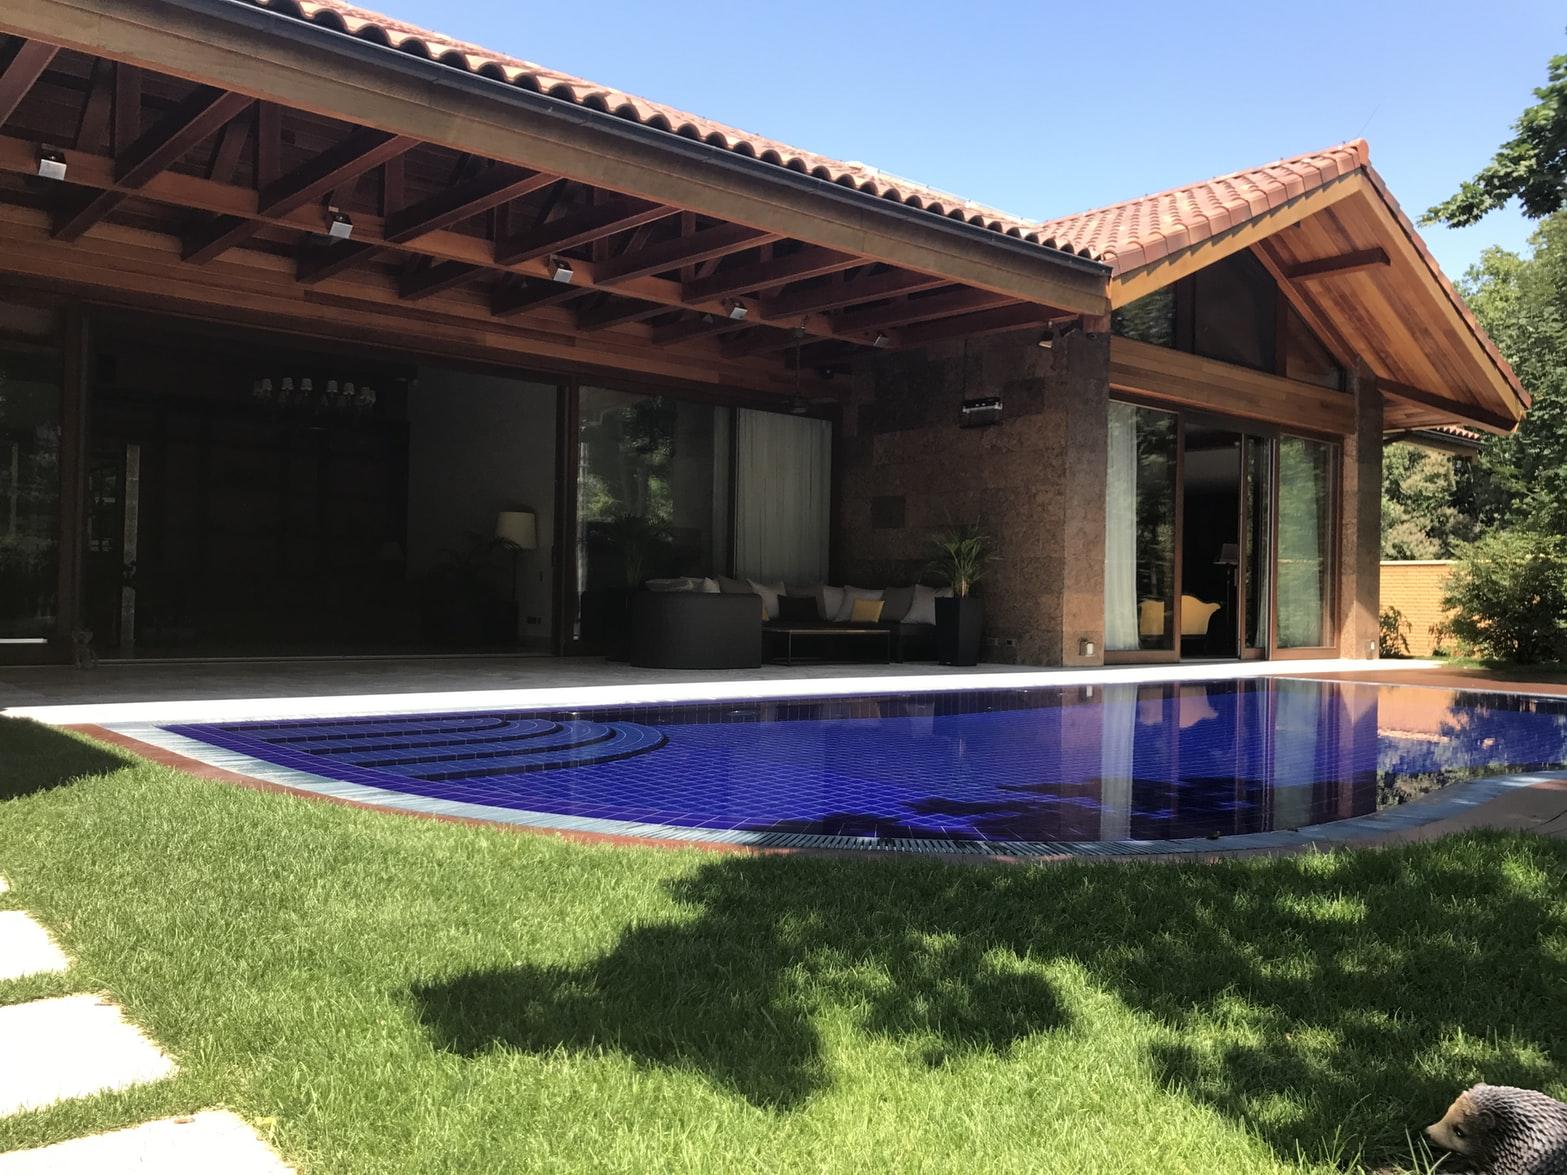 Somptueuse villa de luxe avec une piscine dans le jardin